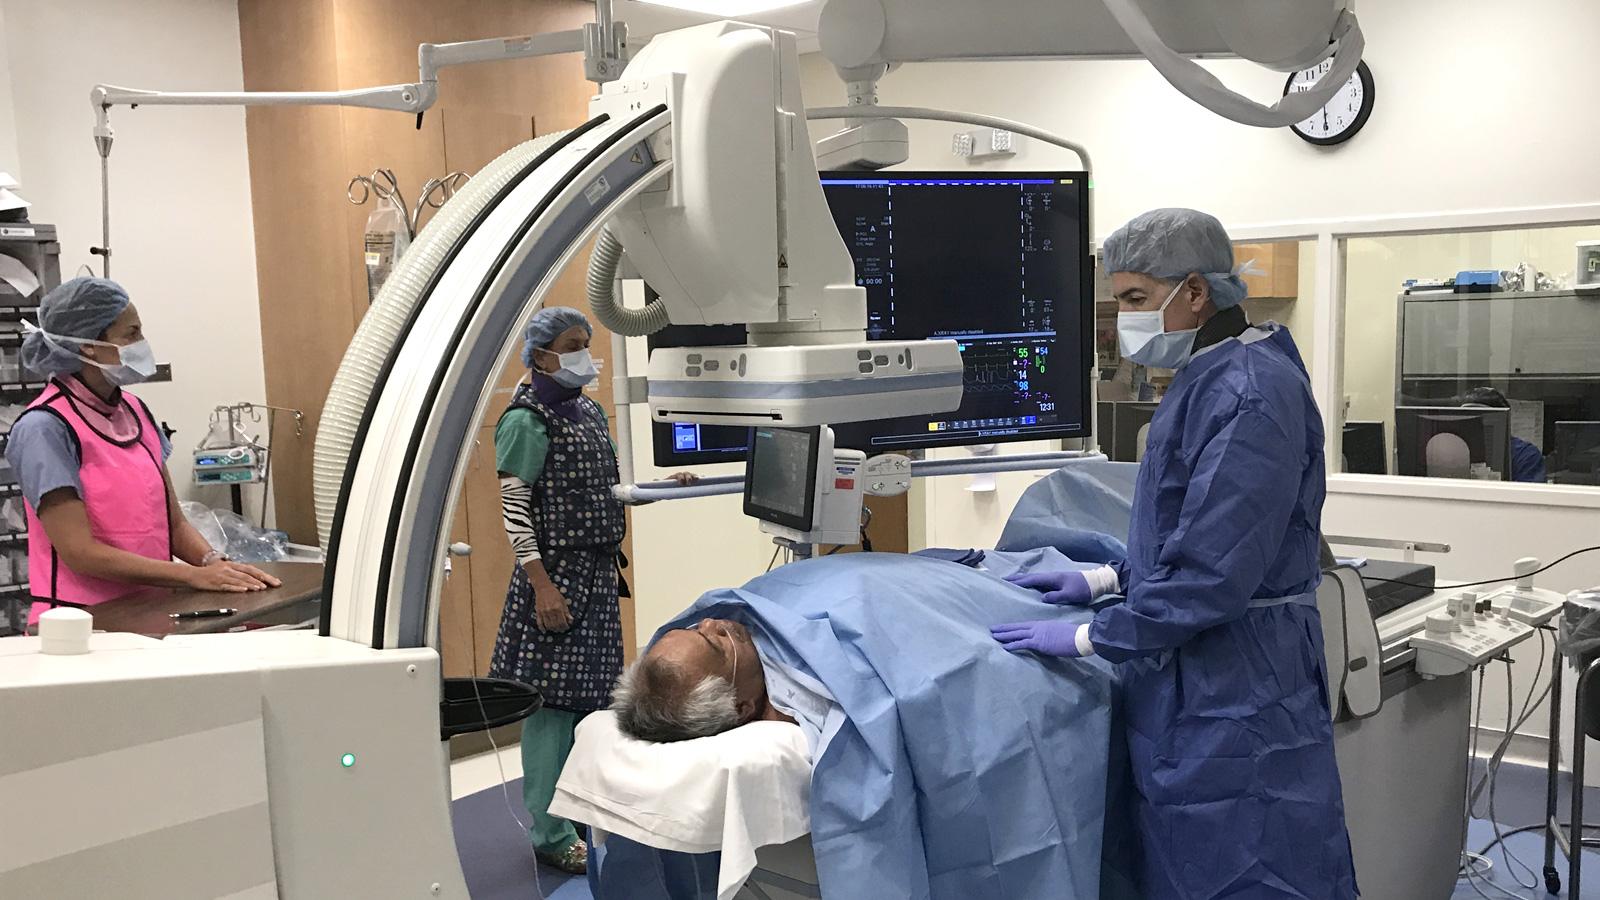 Patient undergoing CT